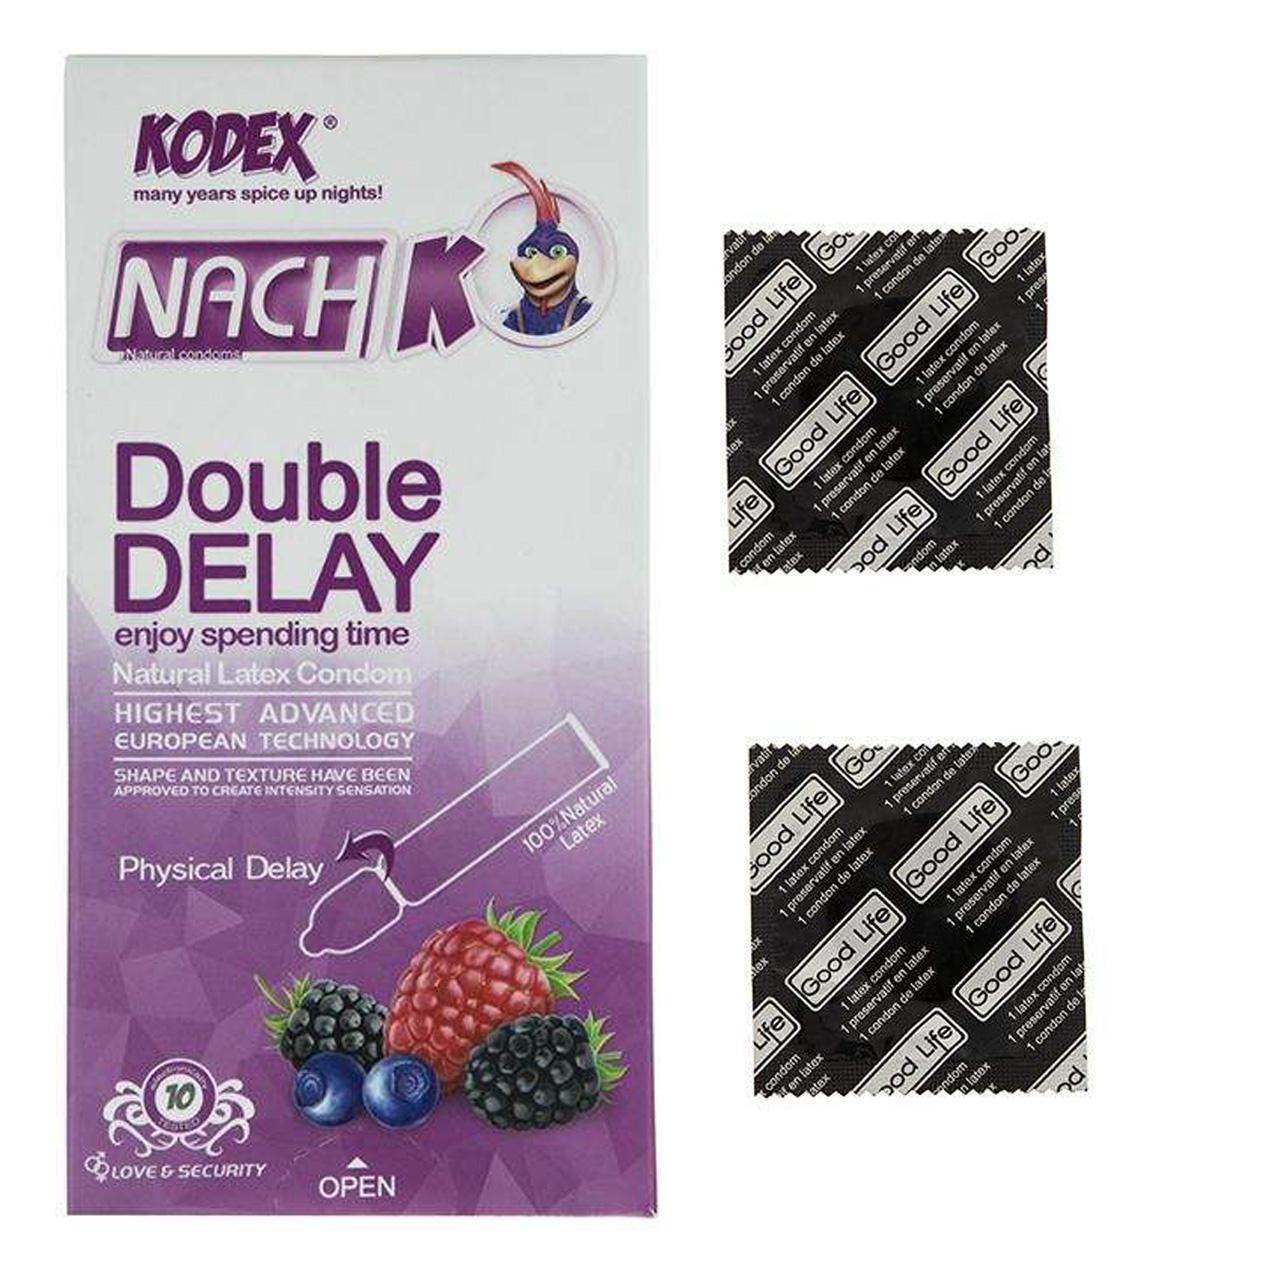 خرید                      کاندوم ناچ کدکس مدل Double Delay بسته 10 عددی به همراه کاندوم گود لایف مدل کلاسیک مجموعه 2 عددی